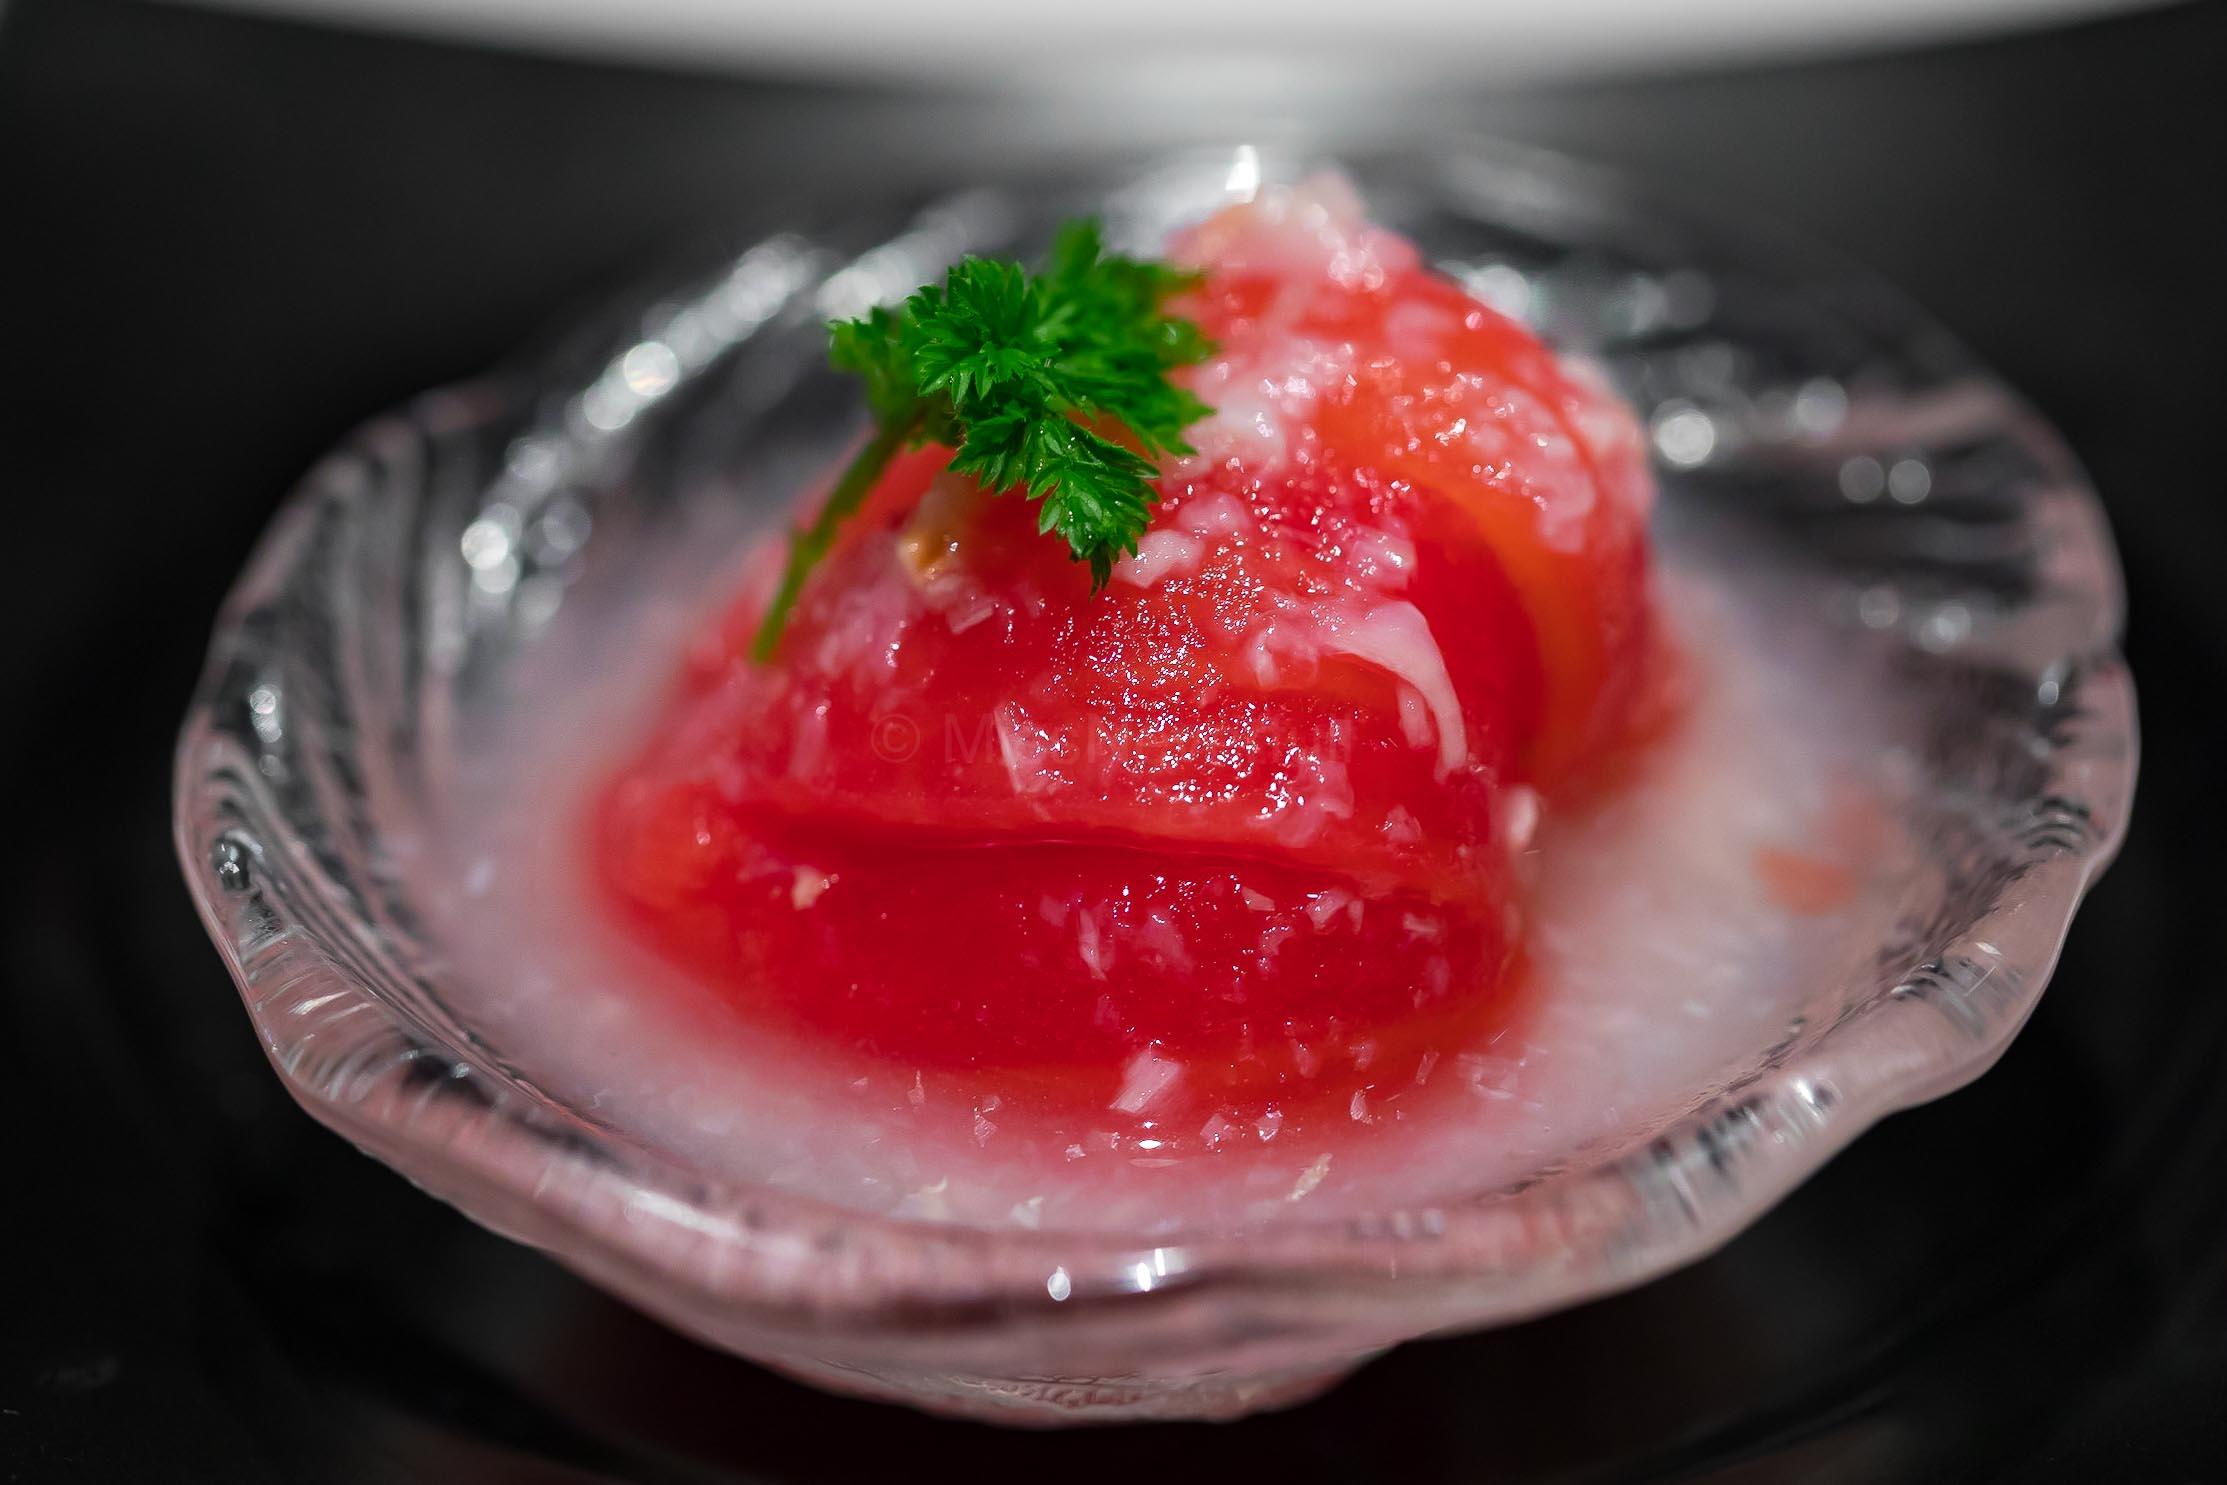 荔枝番茄 Marinated Tomato in Lychee Sauce